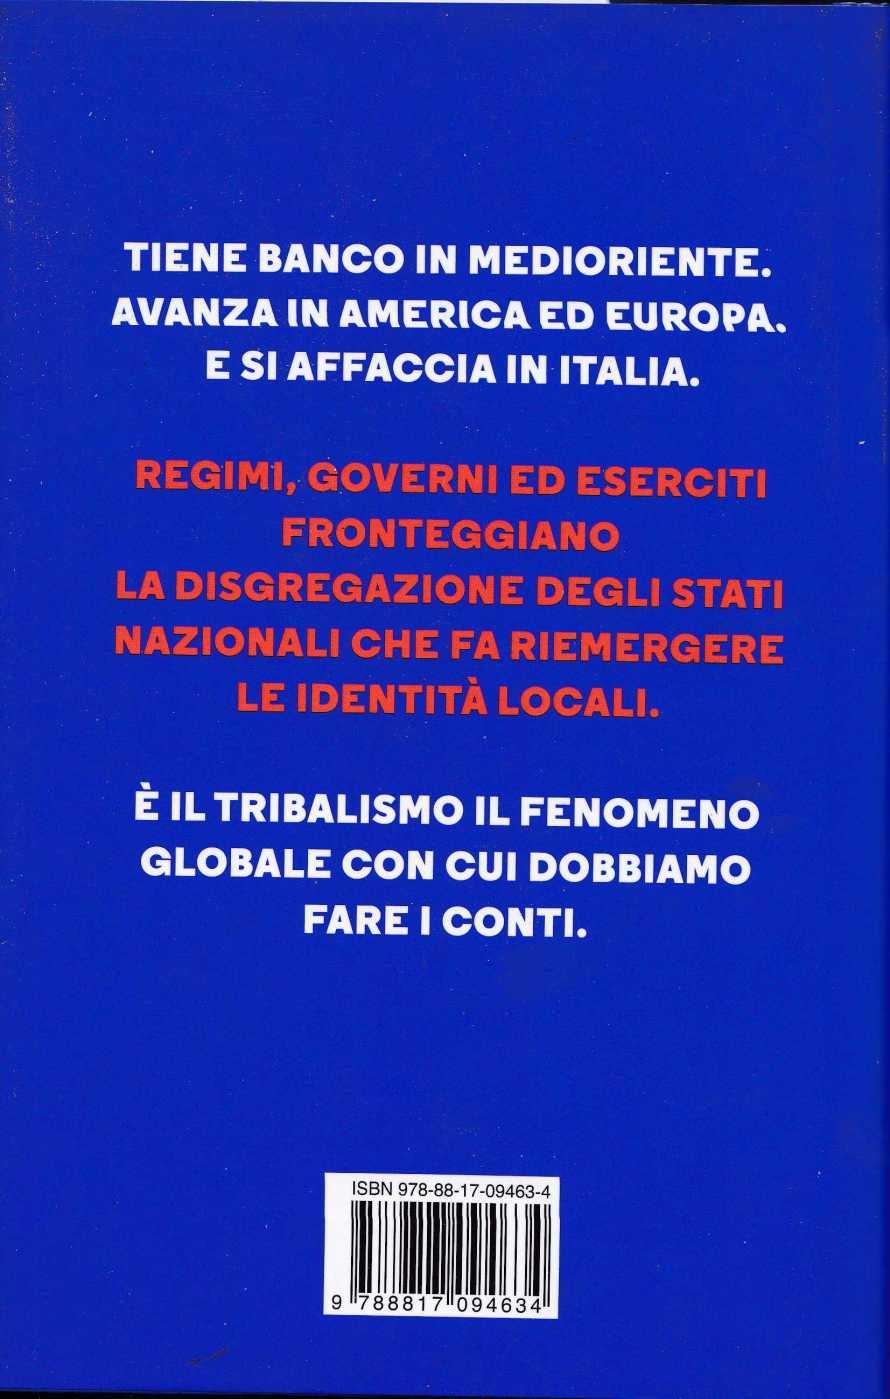 MOLINARI RITORNO TRIBU2175